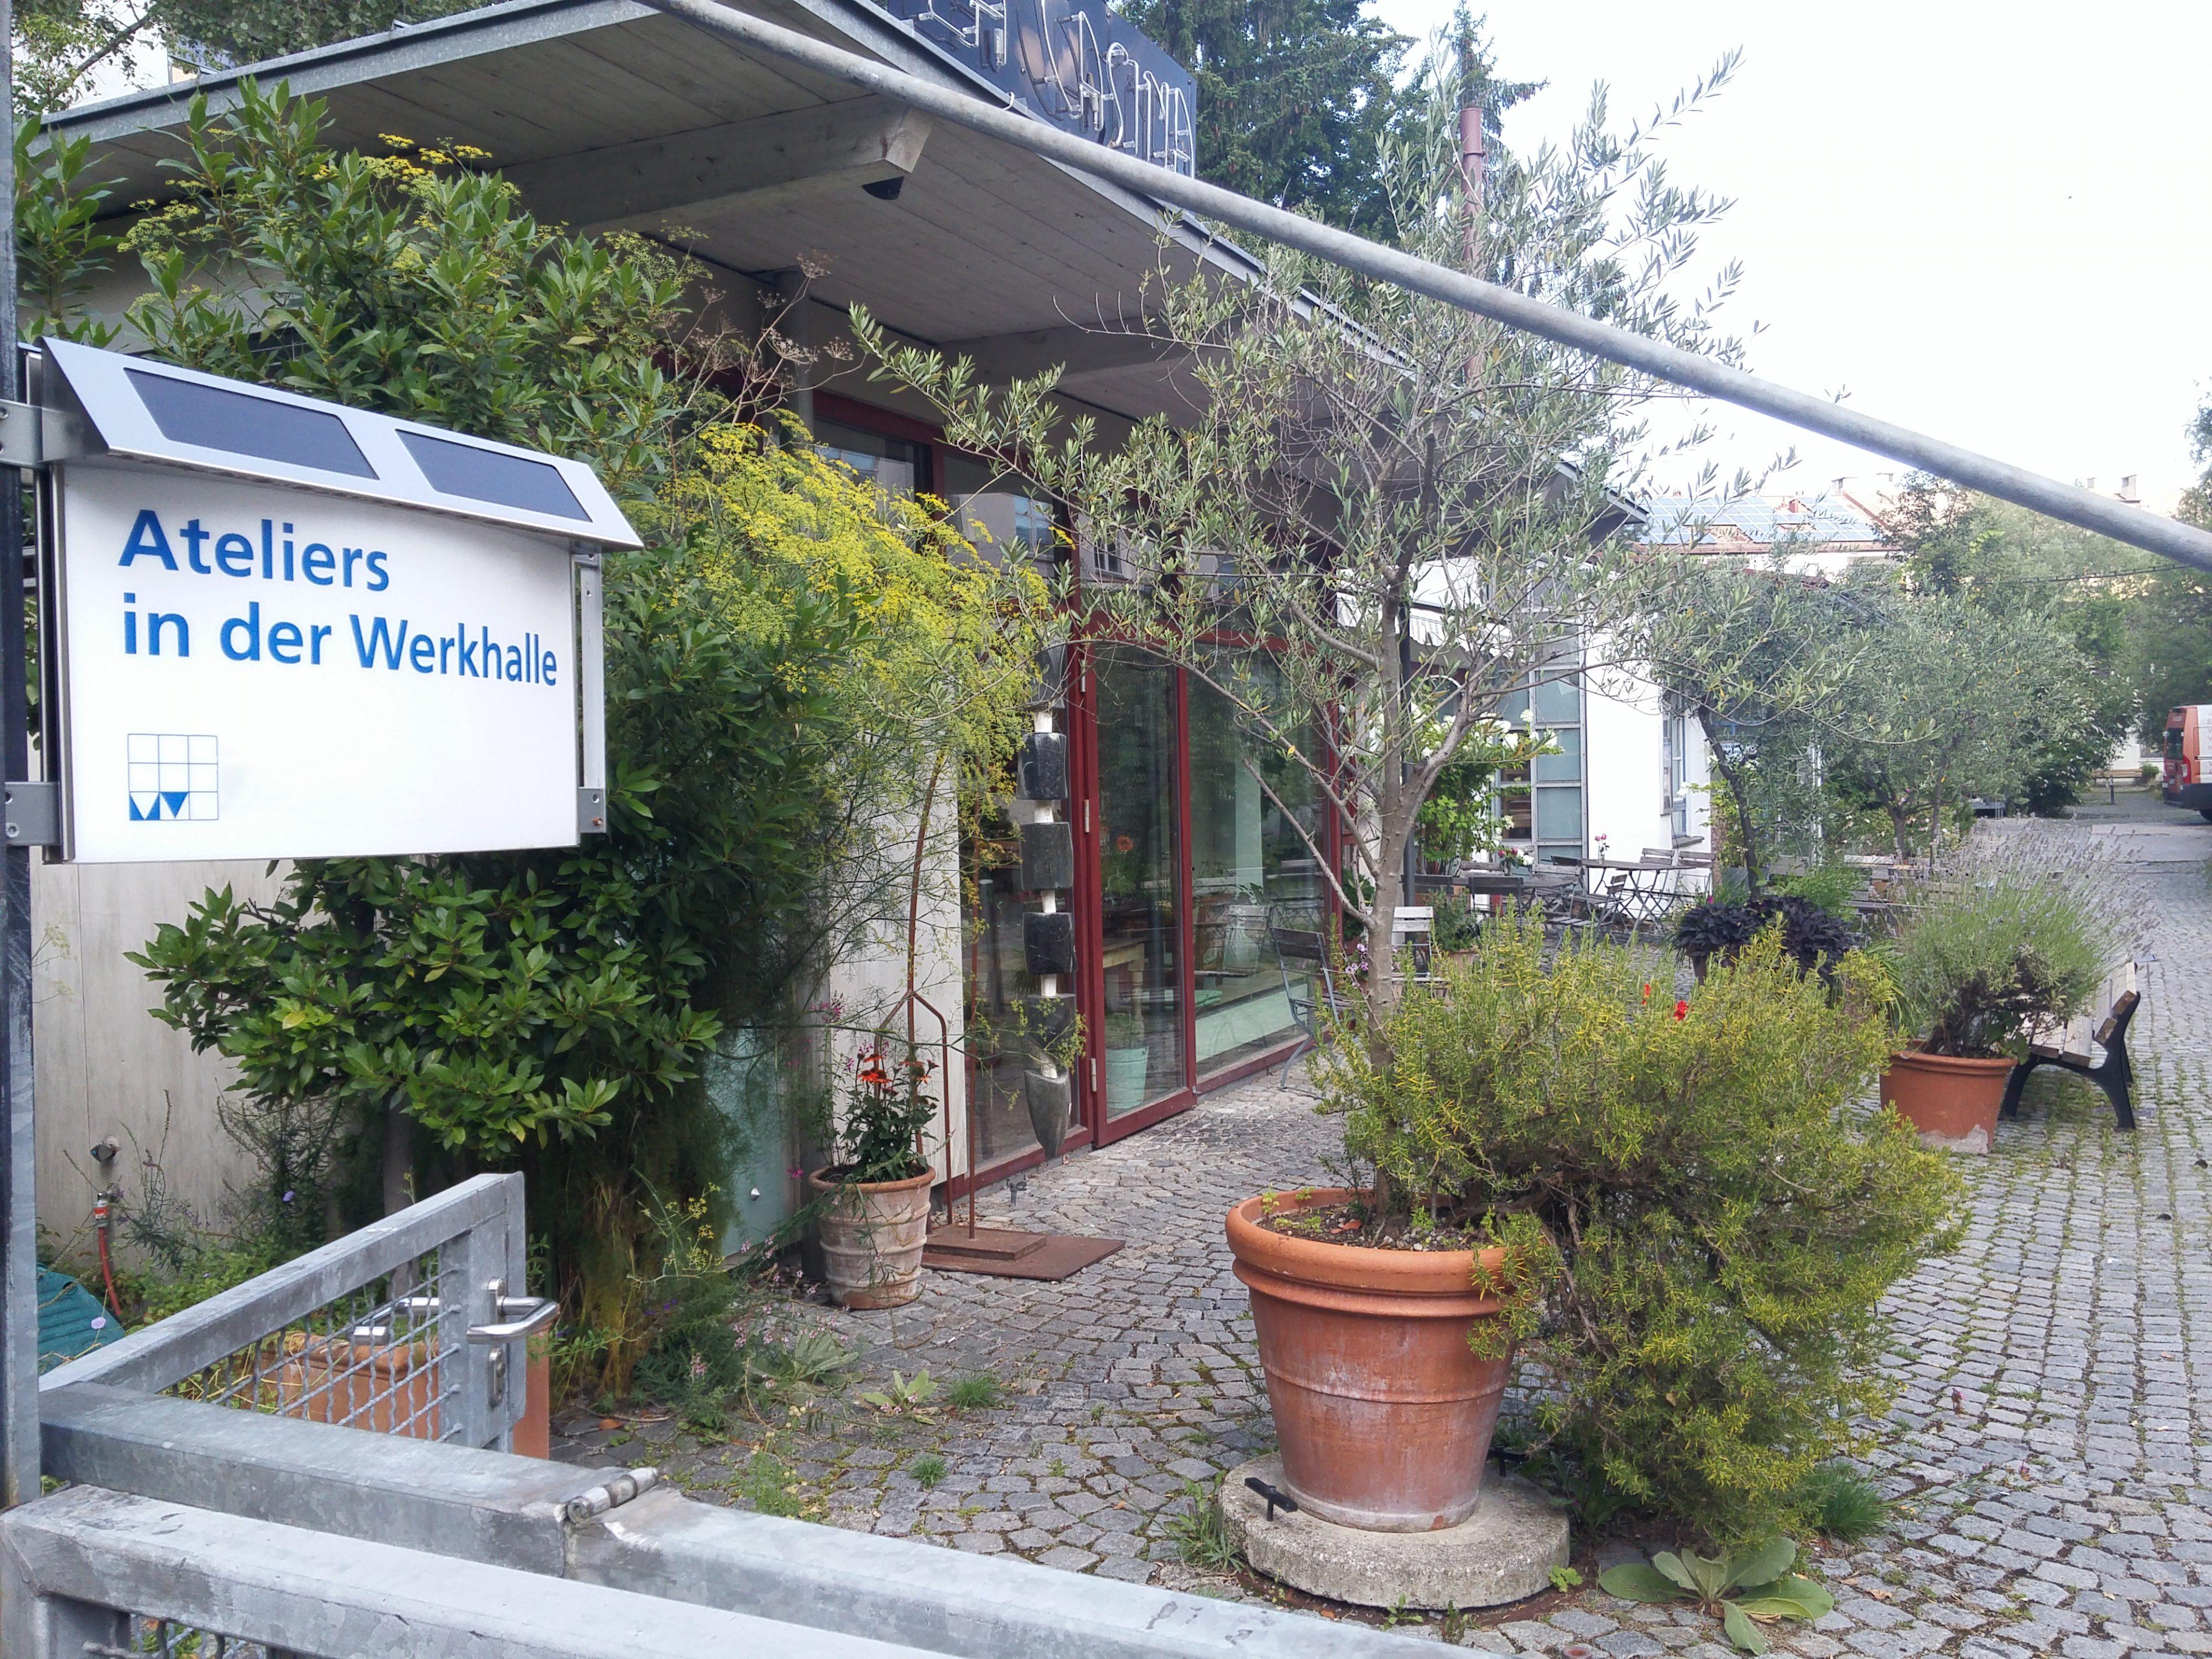 2017, Ateliers in der Werkhalle, Frohschammerstr, München